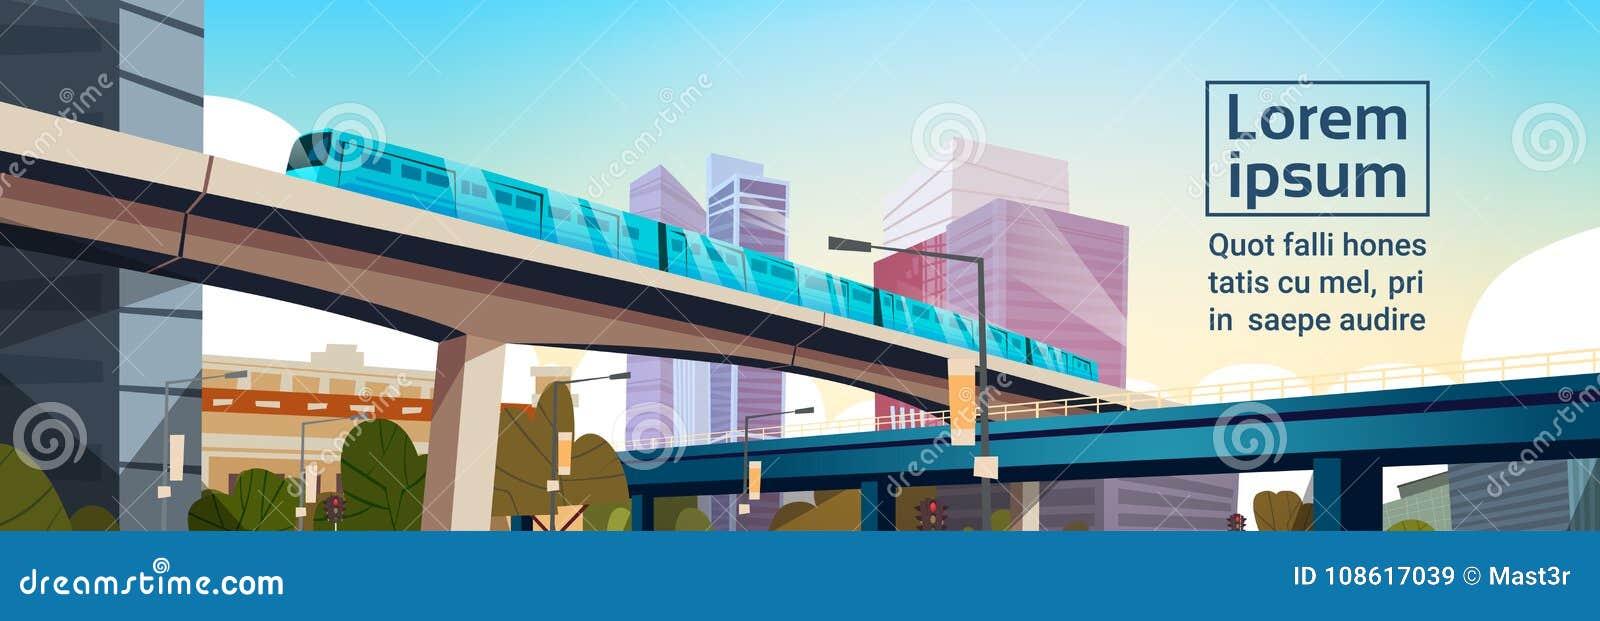 Panorama moderno da cidade com arranha-céus altos e a bandeira horizontal do fundo do molde da arquitetura da cidade do metro